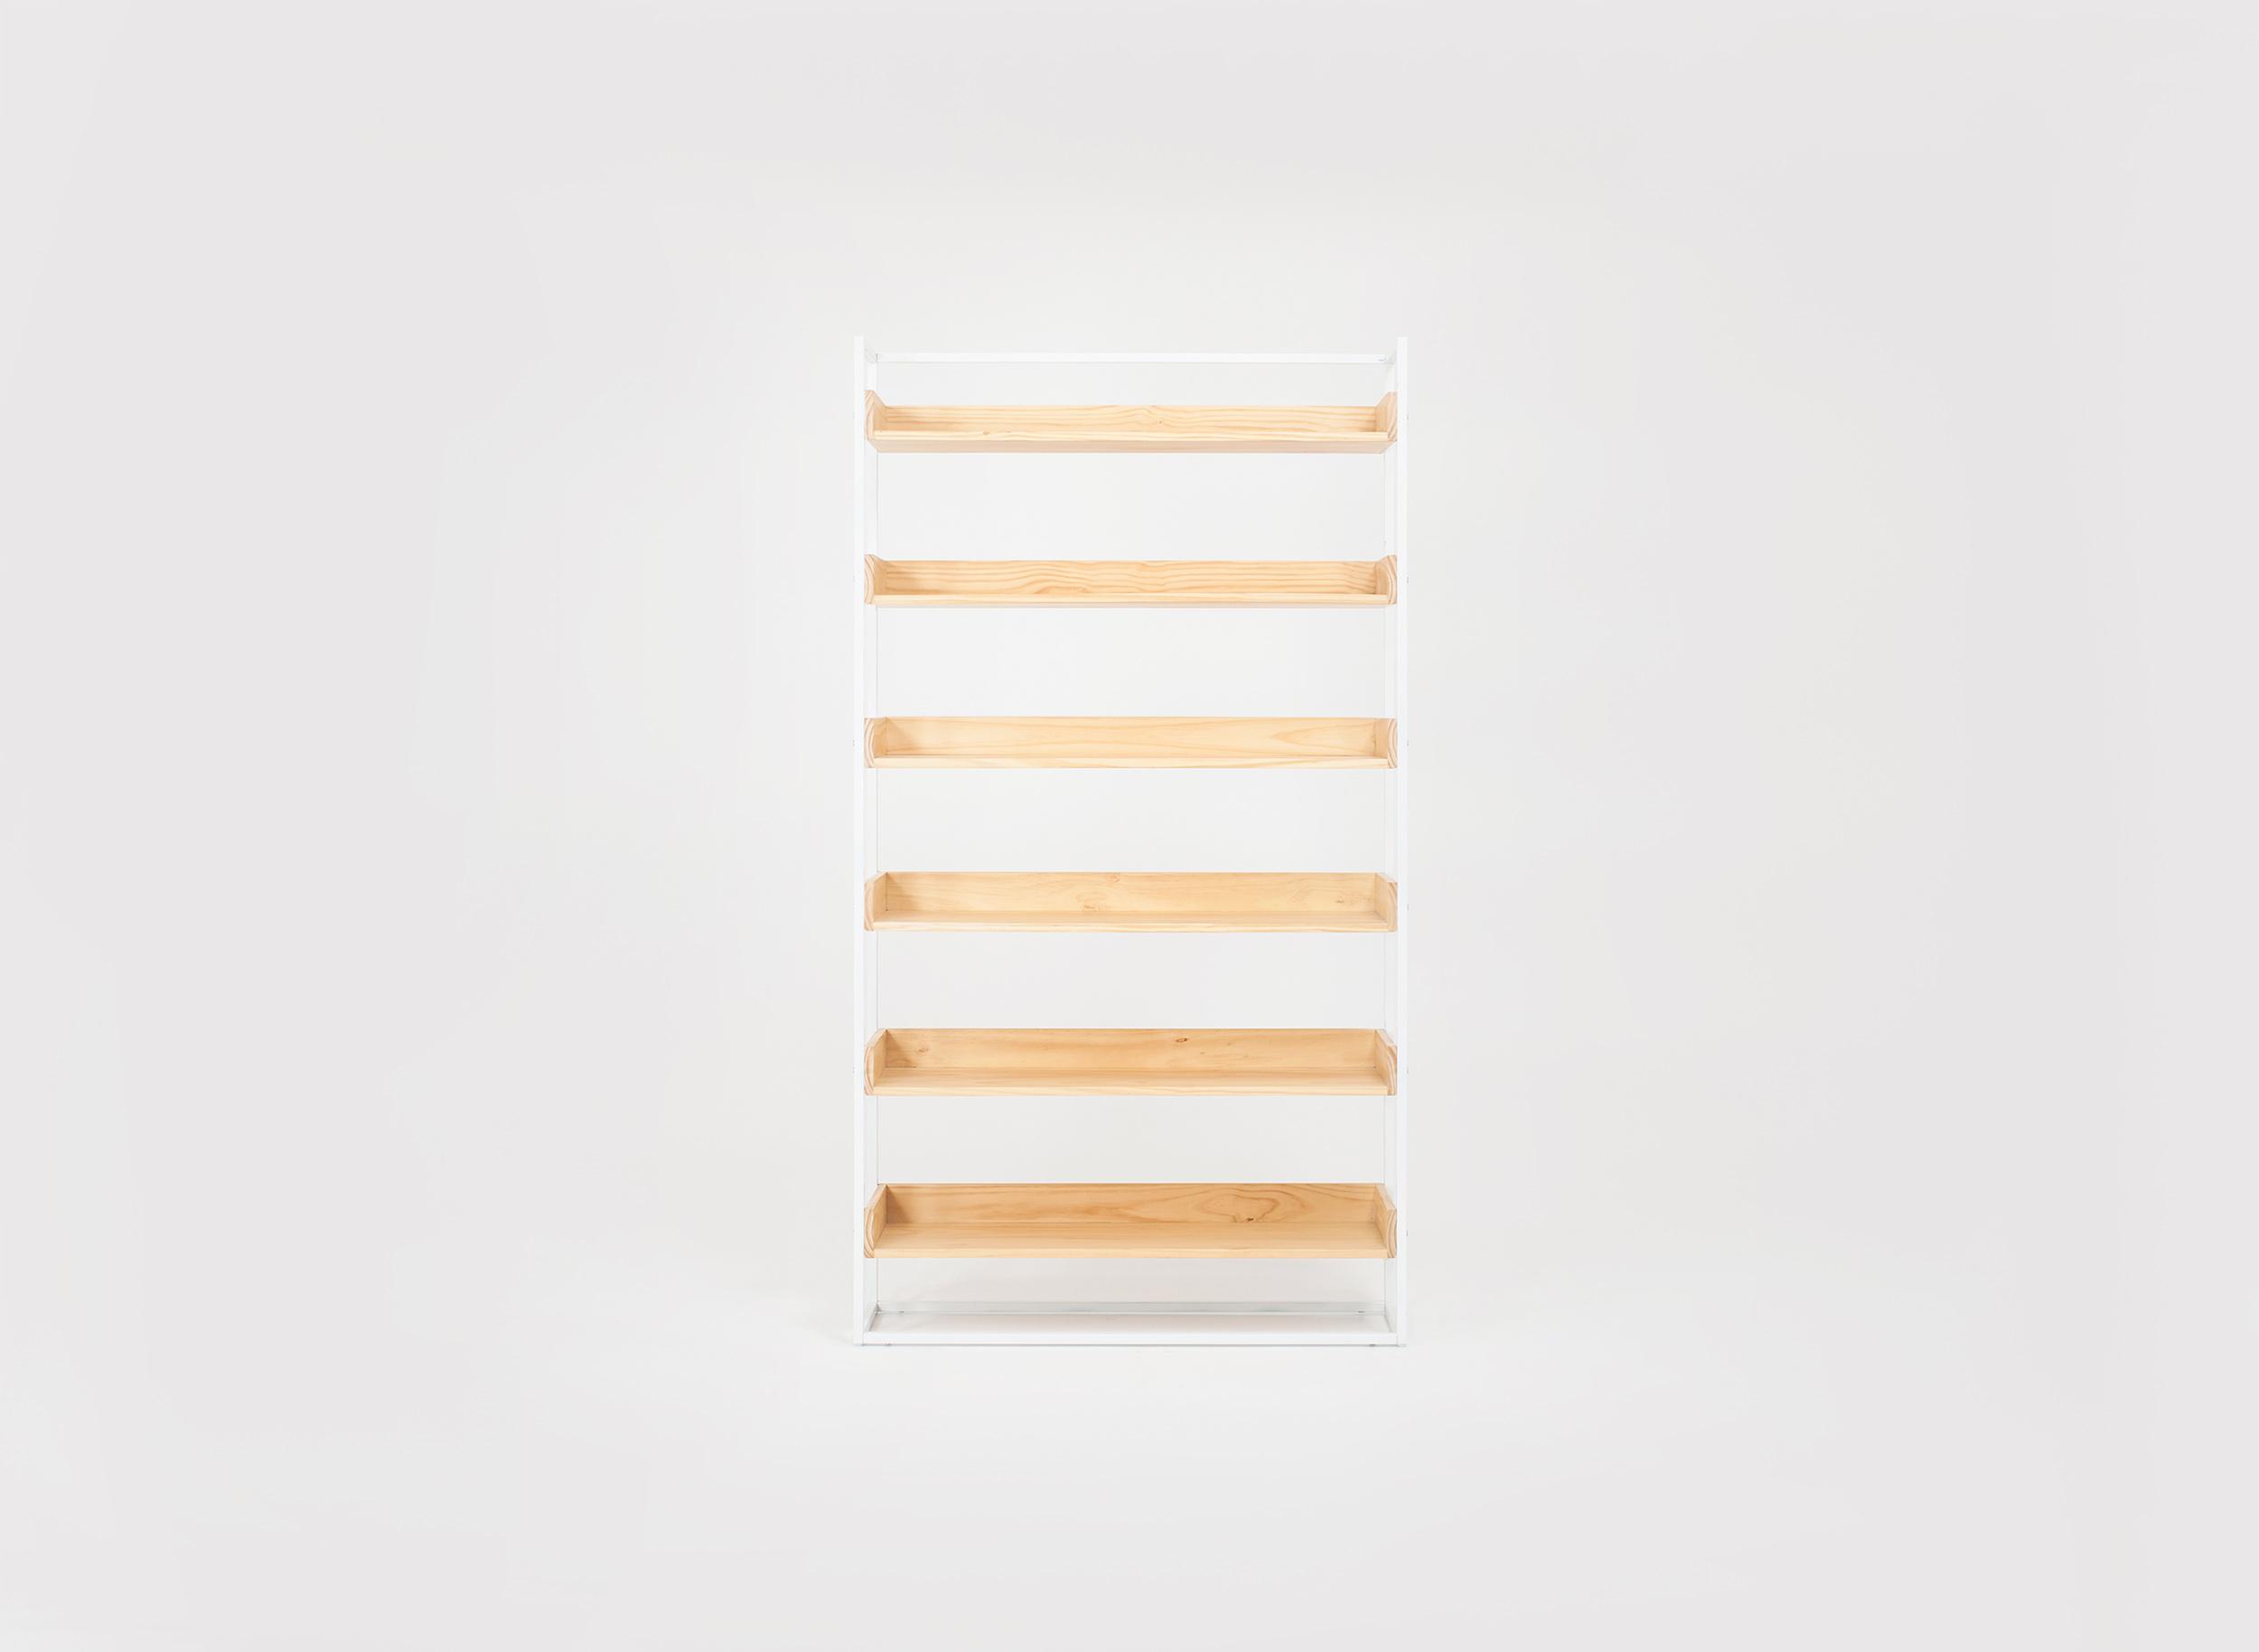 clifford_wide_six_shelf_unit-web-A.jpg